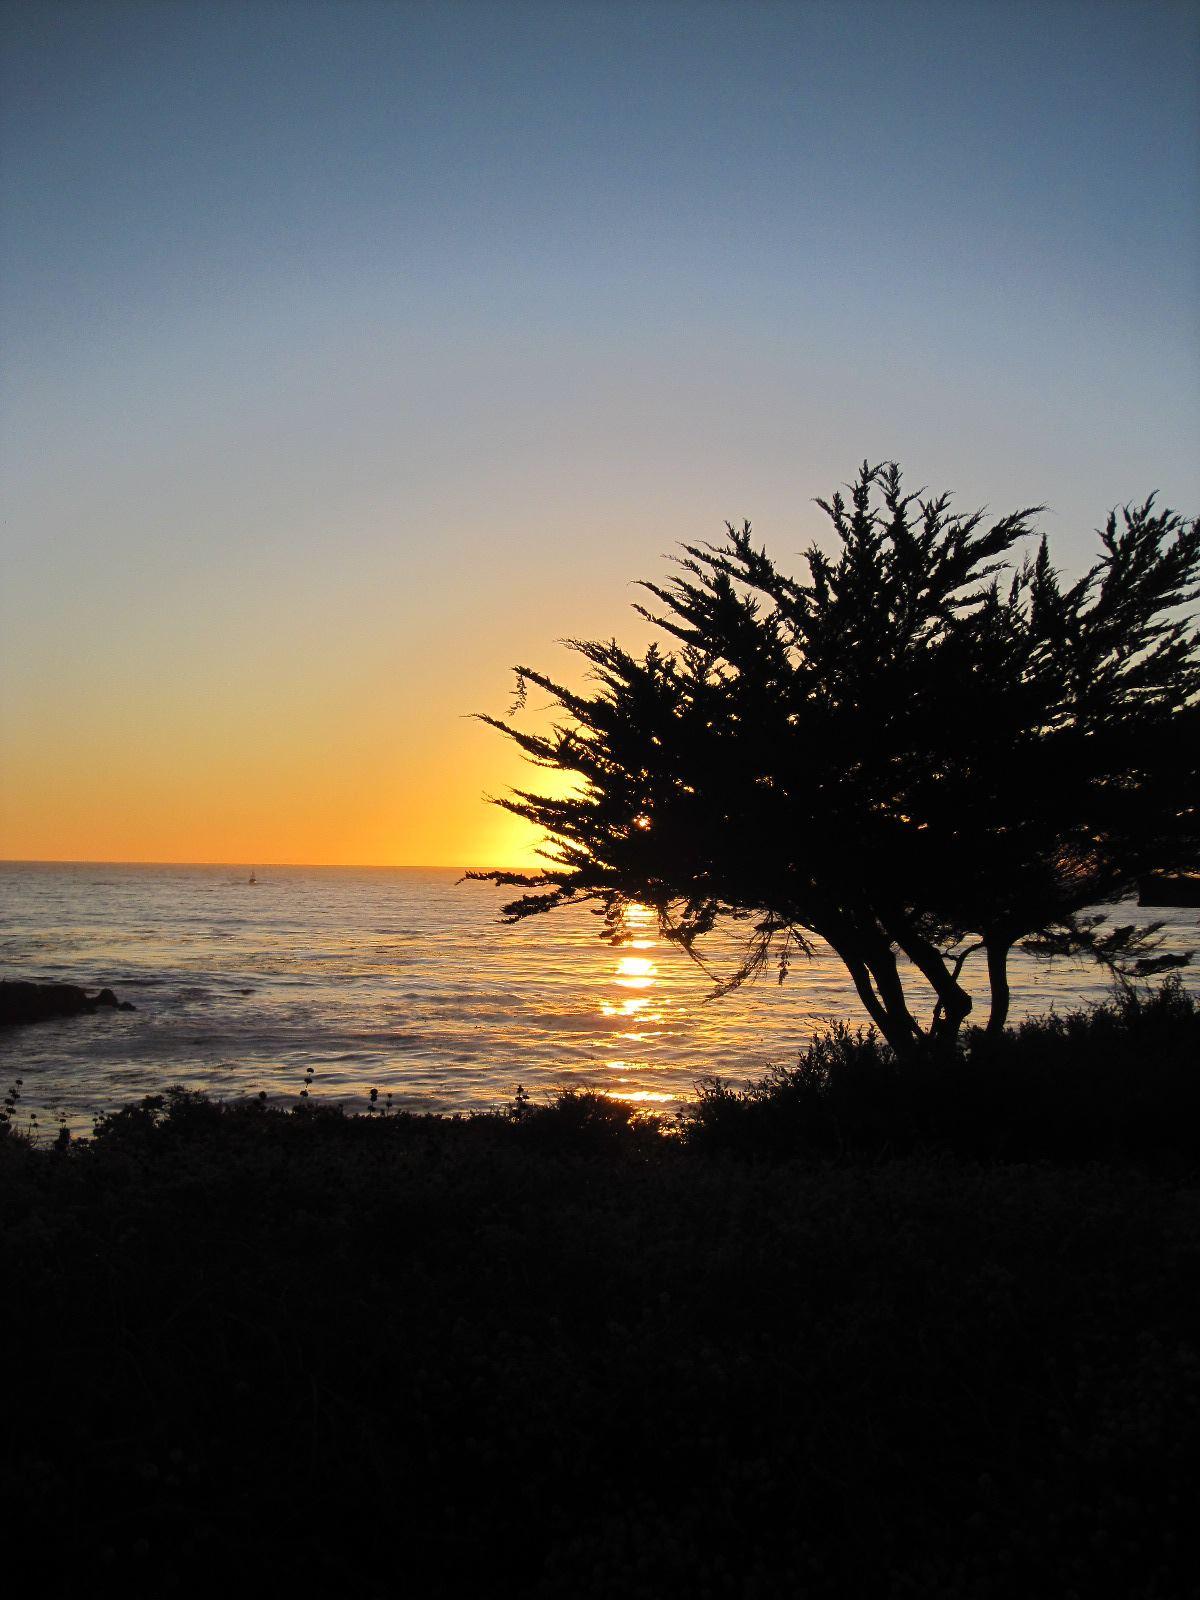 sunset carmel bay.jpg